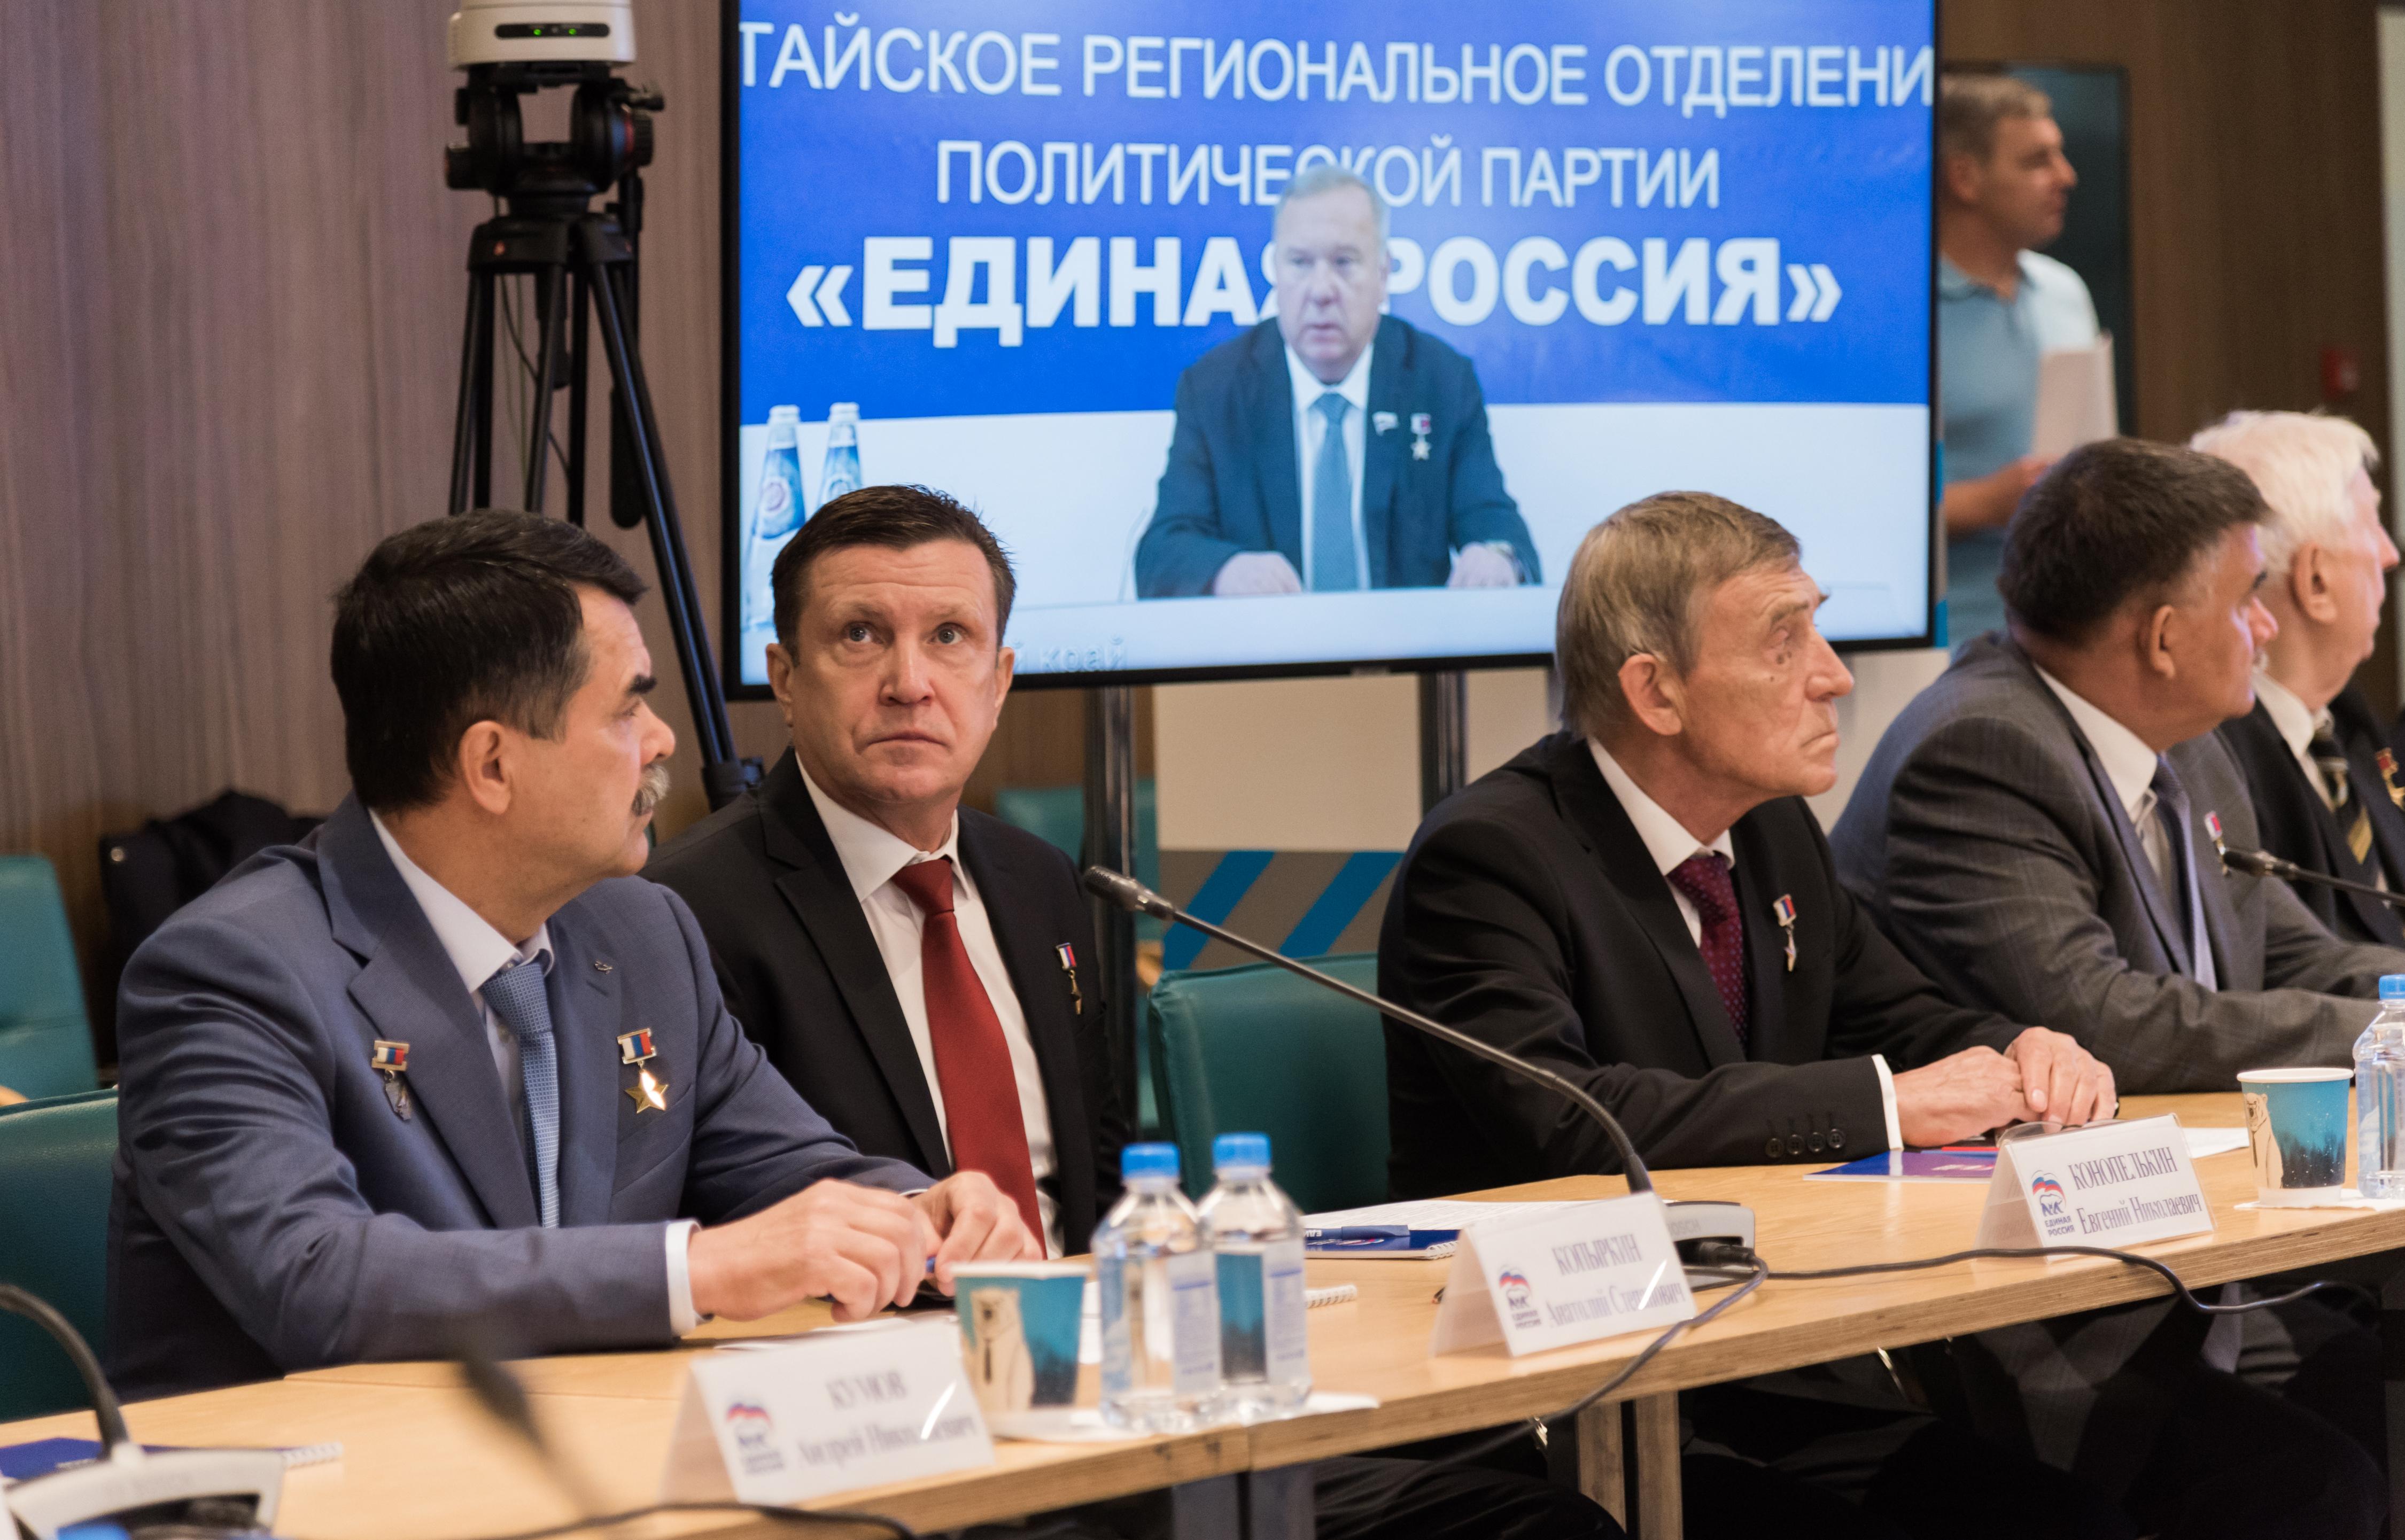 Видеомост с Героями России и Донбасса